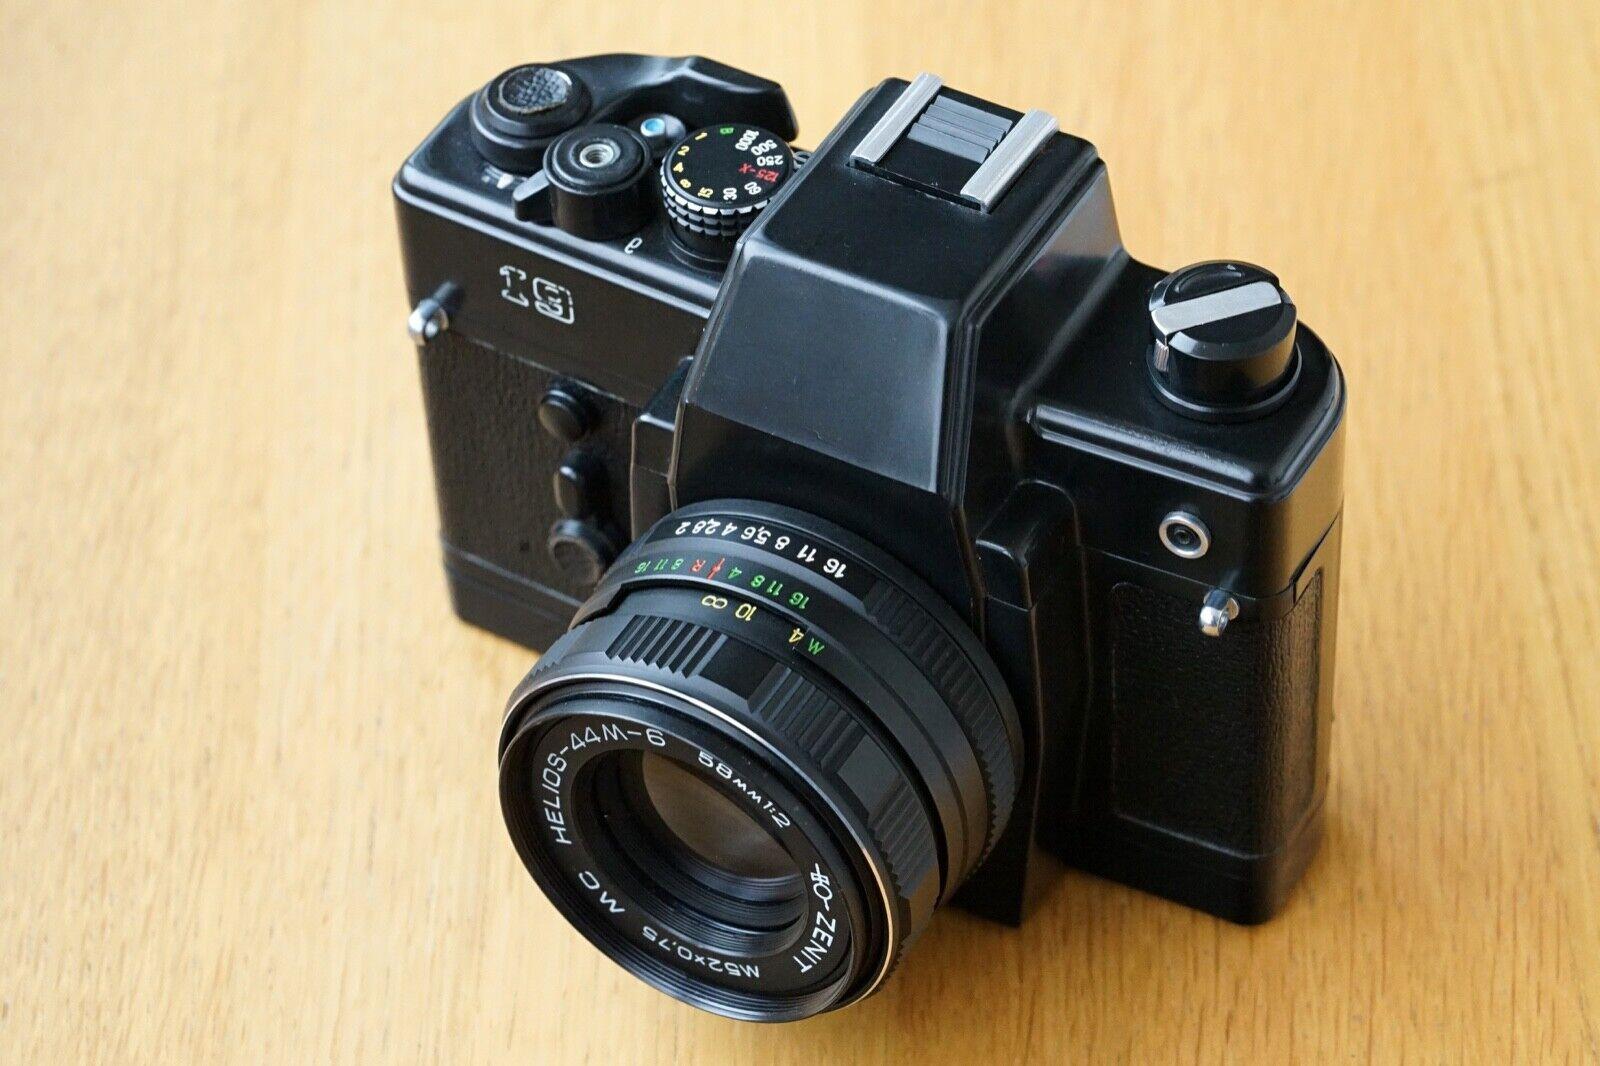 клематисов фотоаппарат зенит обзоры относится